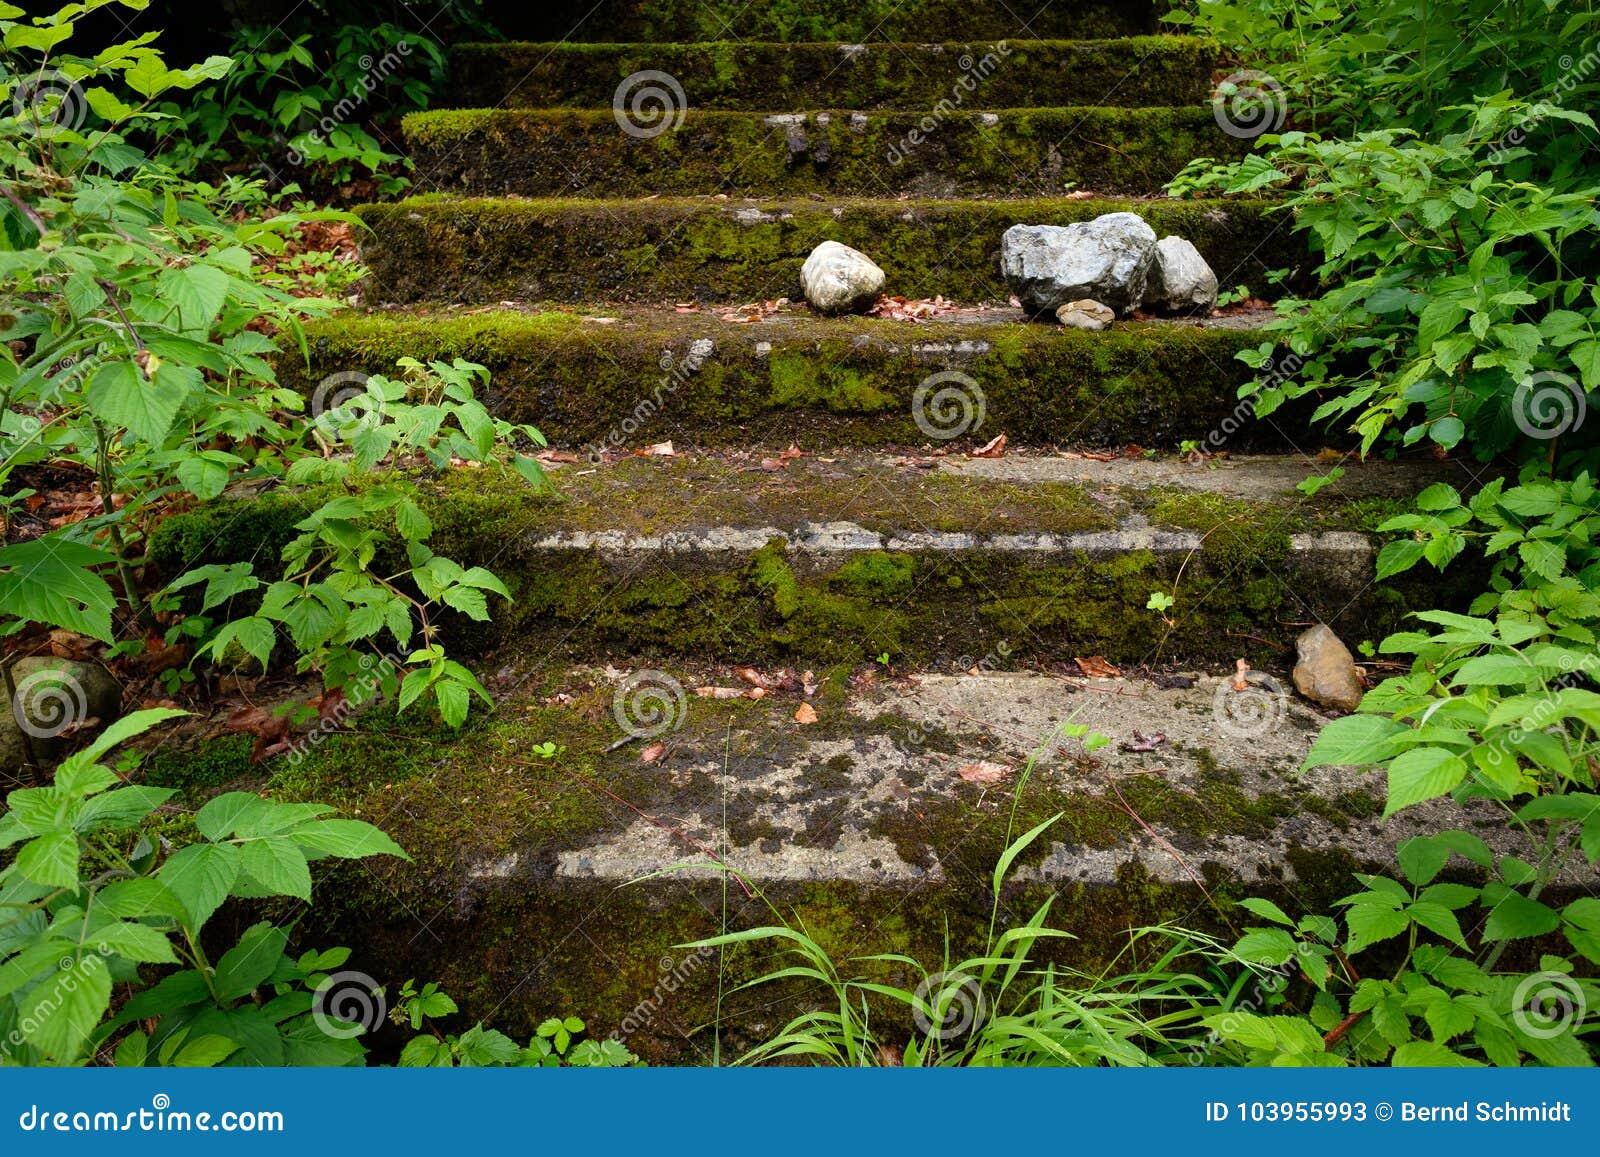 石台阶长满与青苔和绿色植物